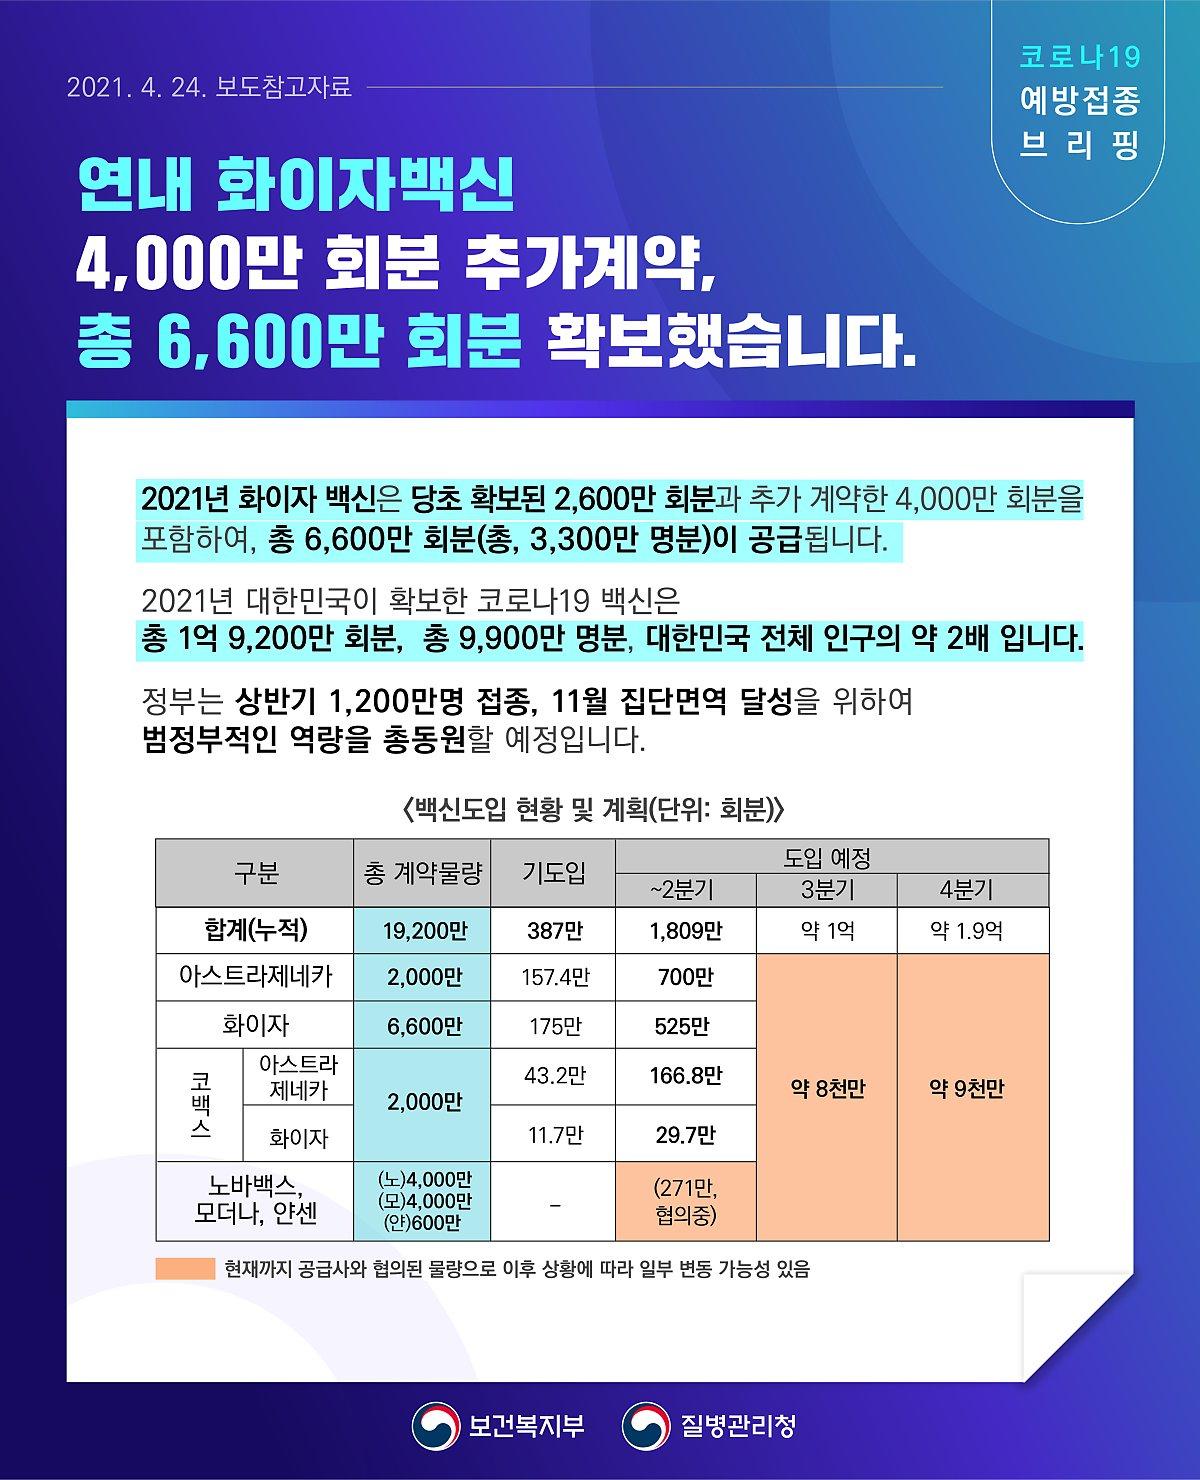 2021.04.24 보도참고자료 코로나19 예방접종 브리핑 연내 화이자백신 4,000만 회